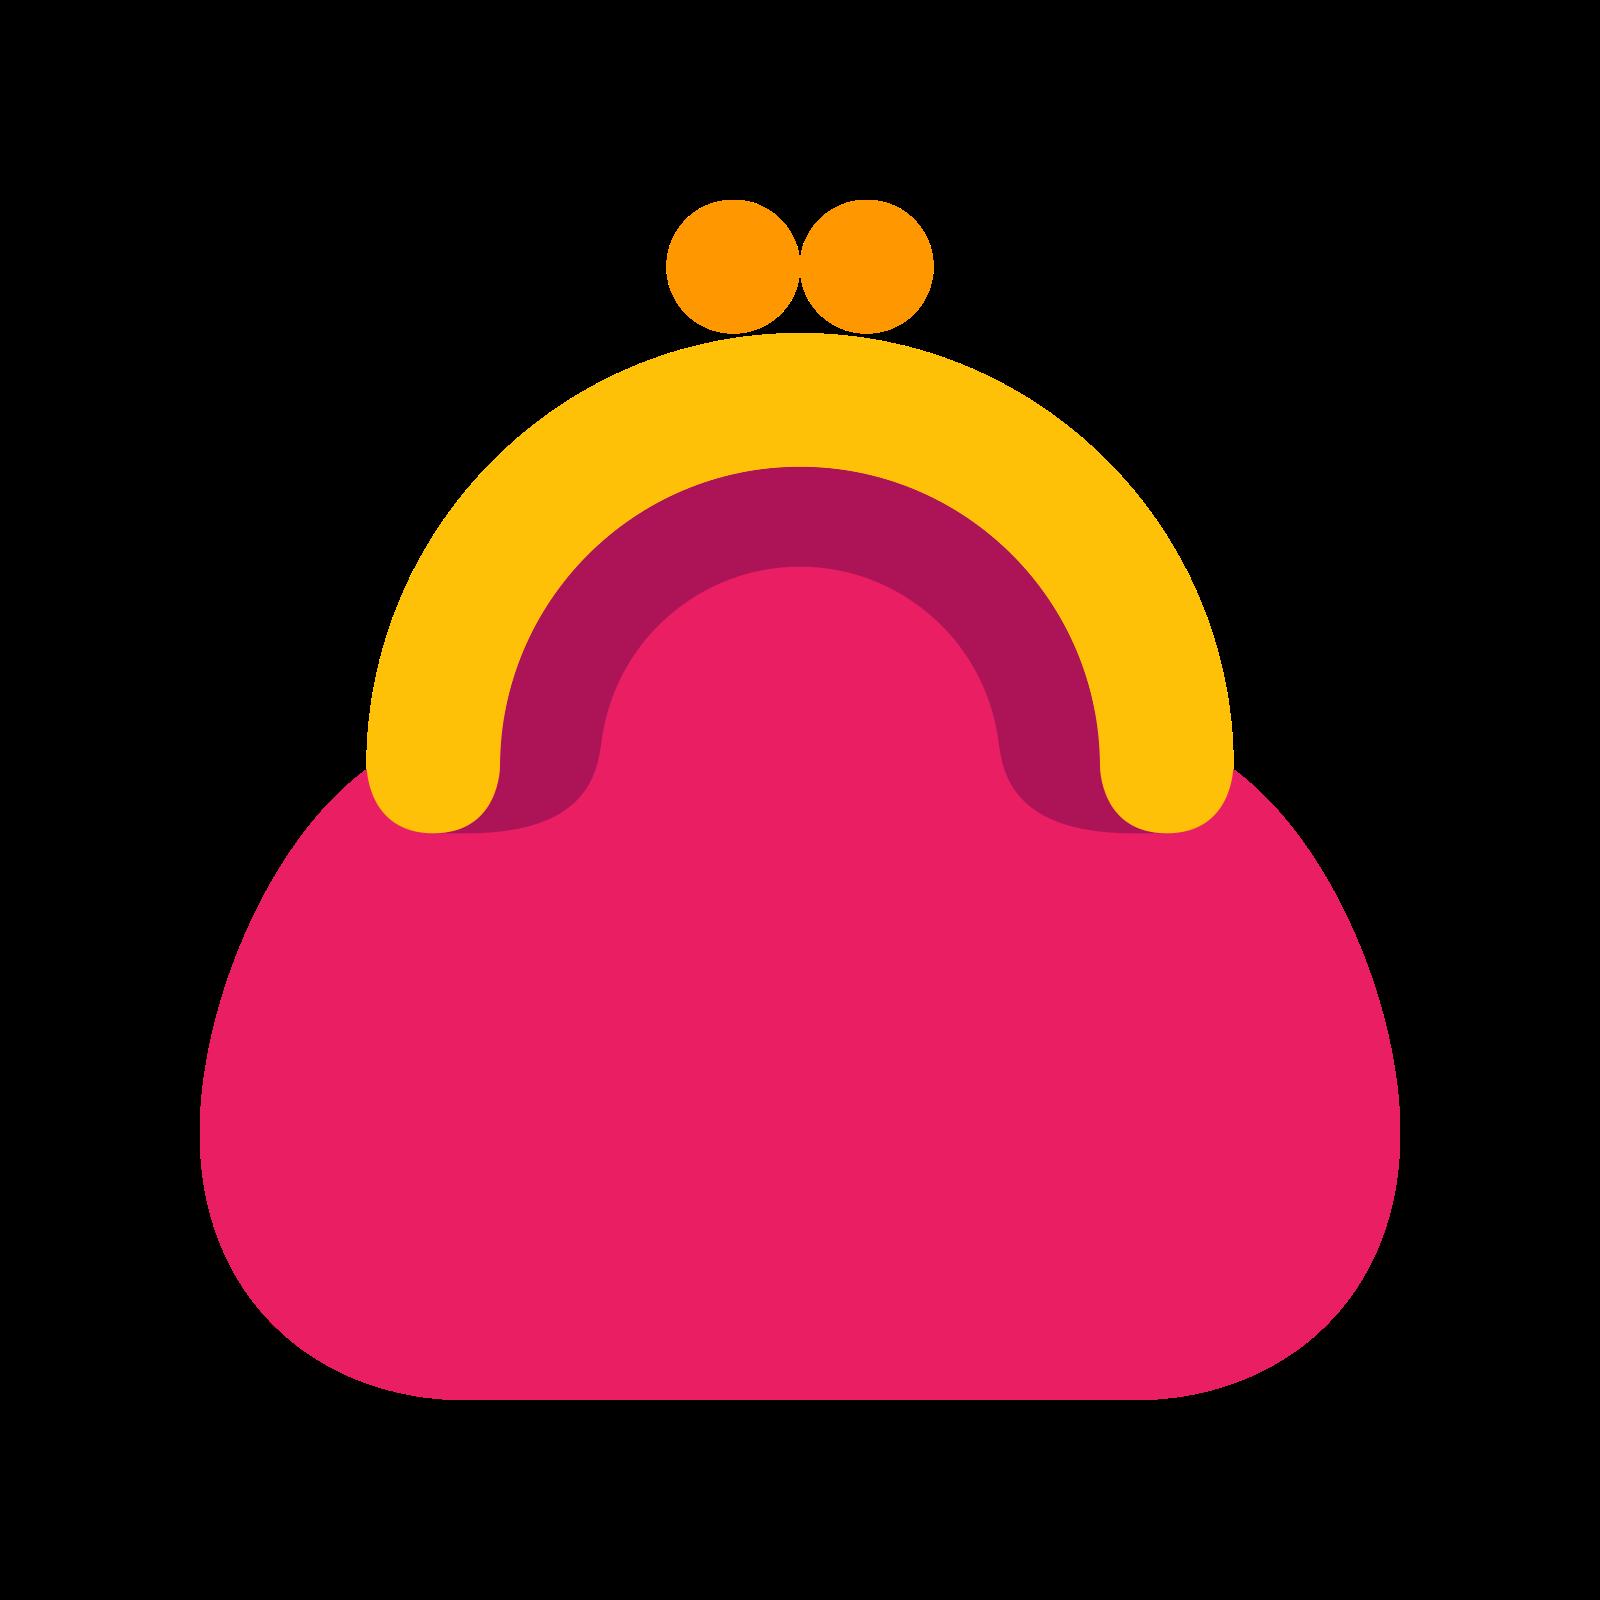 Кошелек icon